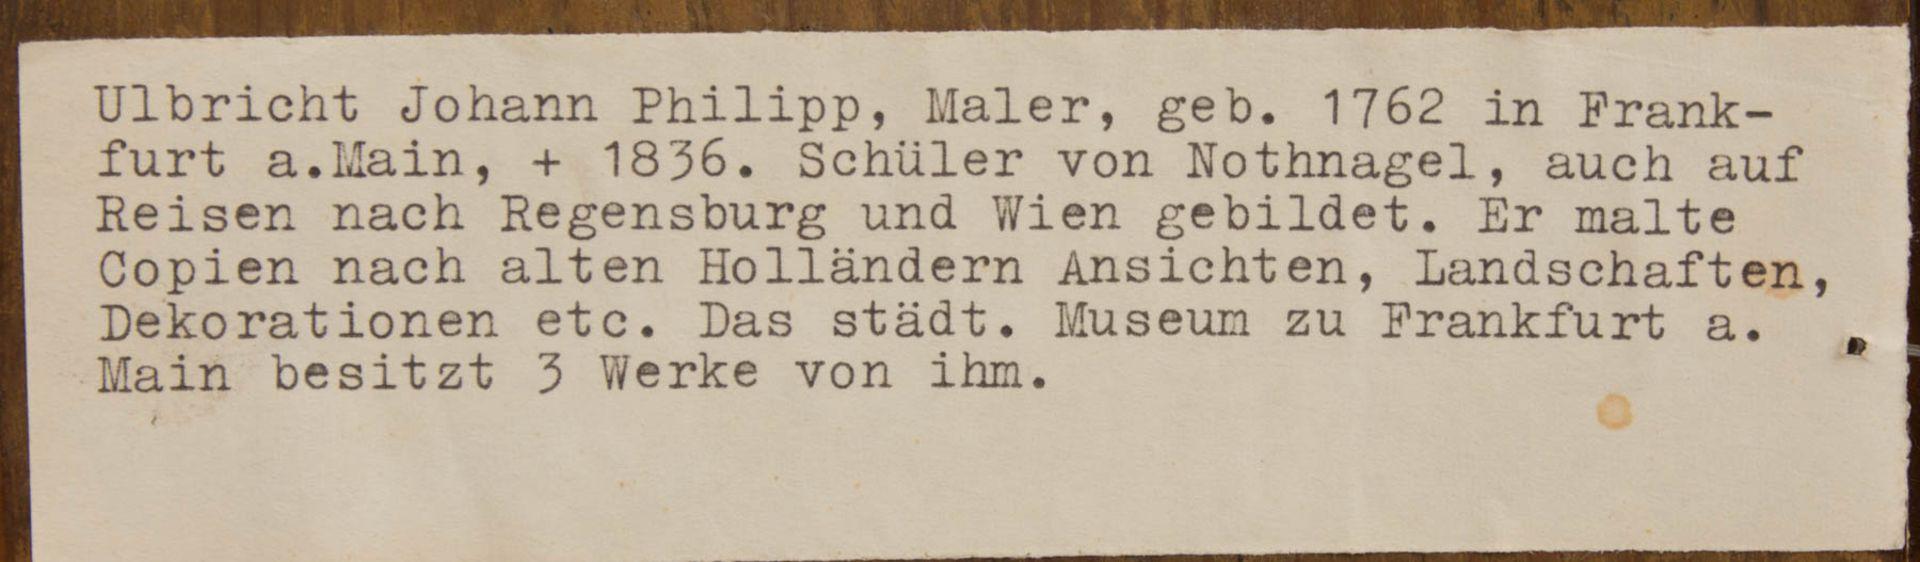 Johann Phillipp Ulbricht, Paar humorvolle Szenen, Öl auf Holz, Mitte 18. Jh. - Bild 9 aus 12